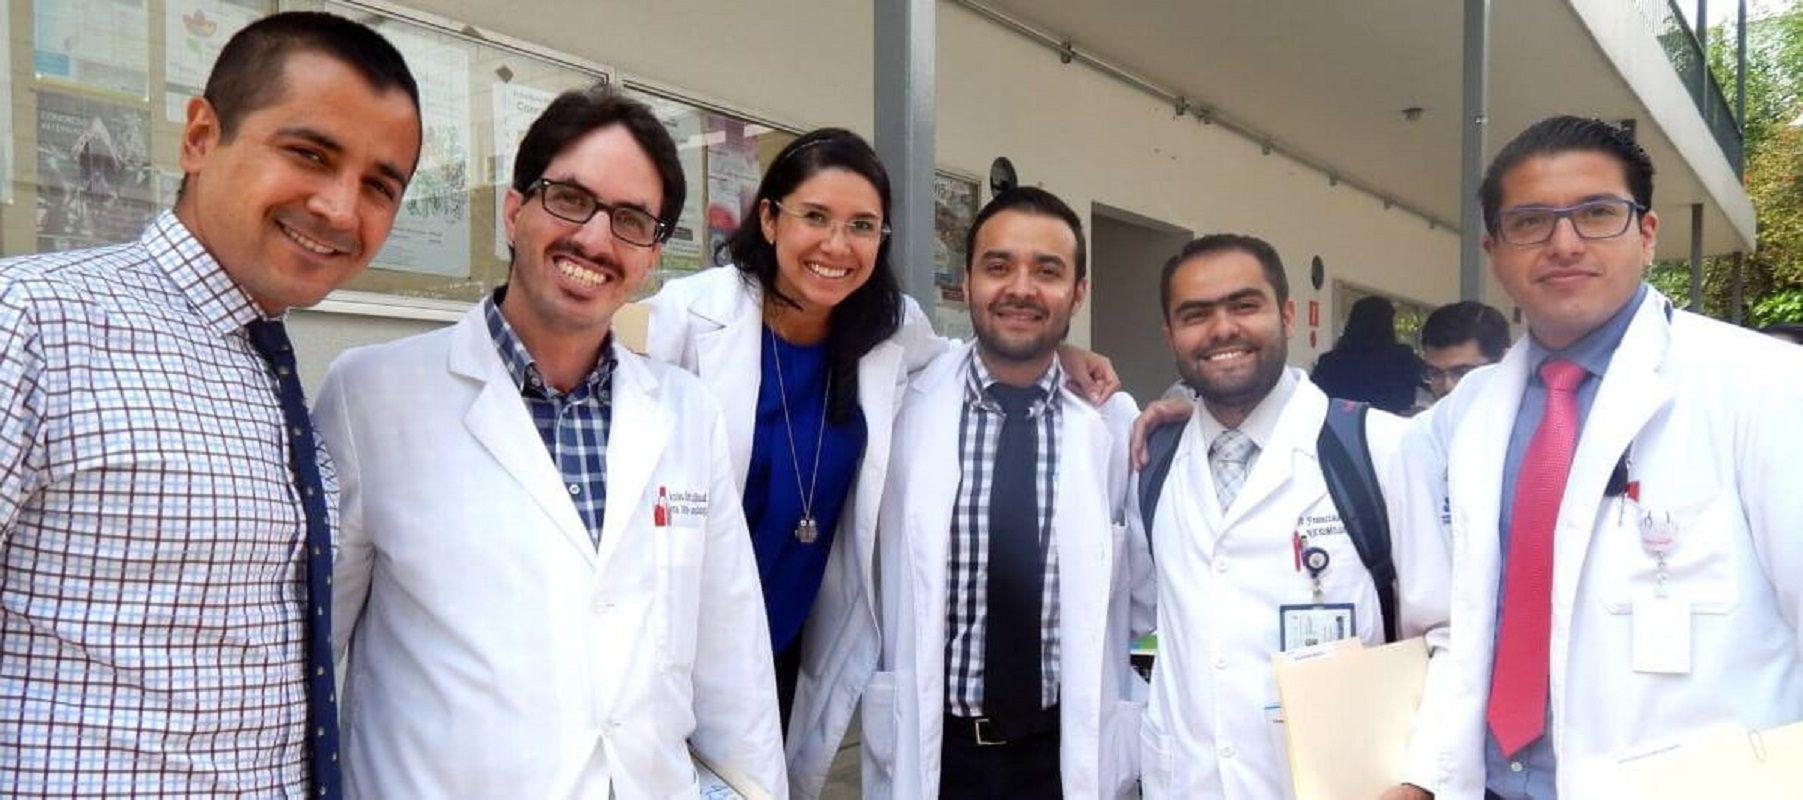 Premios en Salud Carlos Slim: US$100.000 para la ONG ganandora